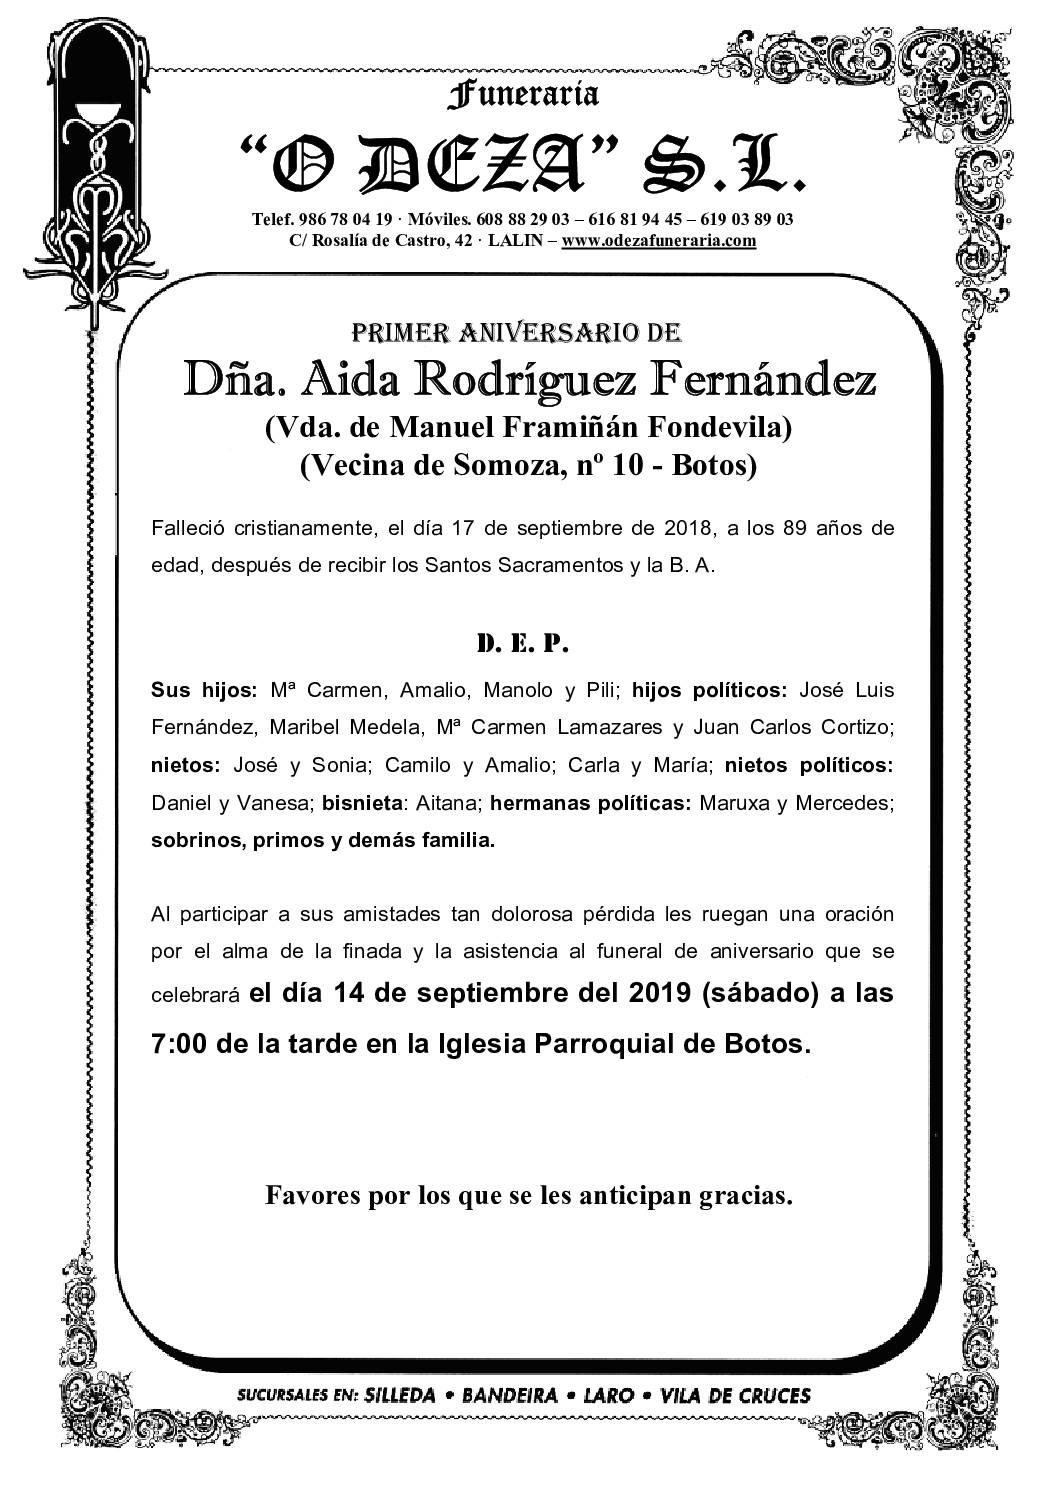 DÑA. AIDA RODRÍGUEZ FERNÁNDEZ